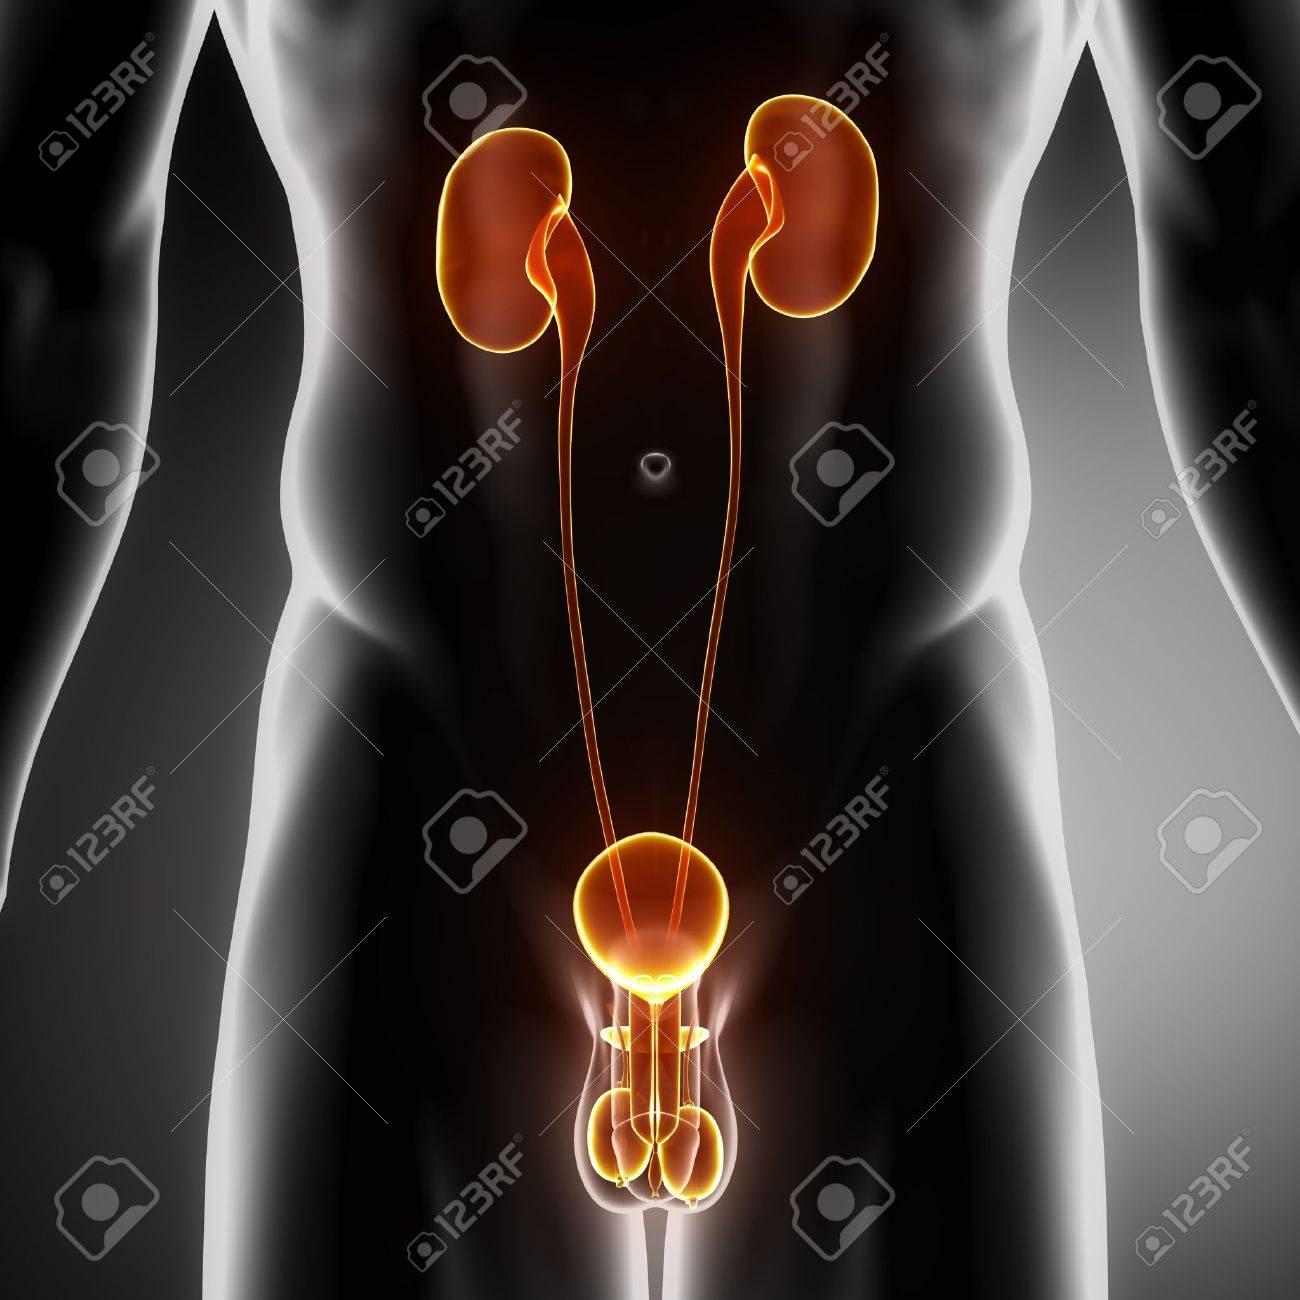 Männliche Anatomie Des Menschlichen Urogenitaltraktes In X-ray ...